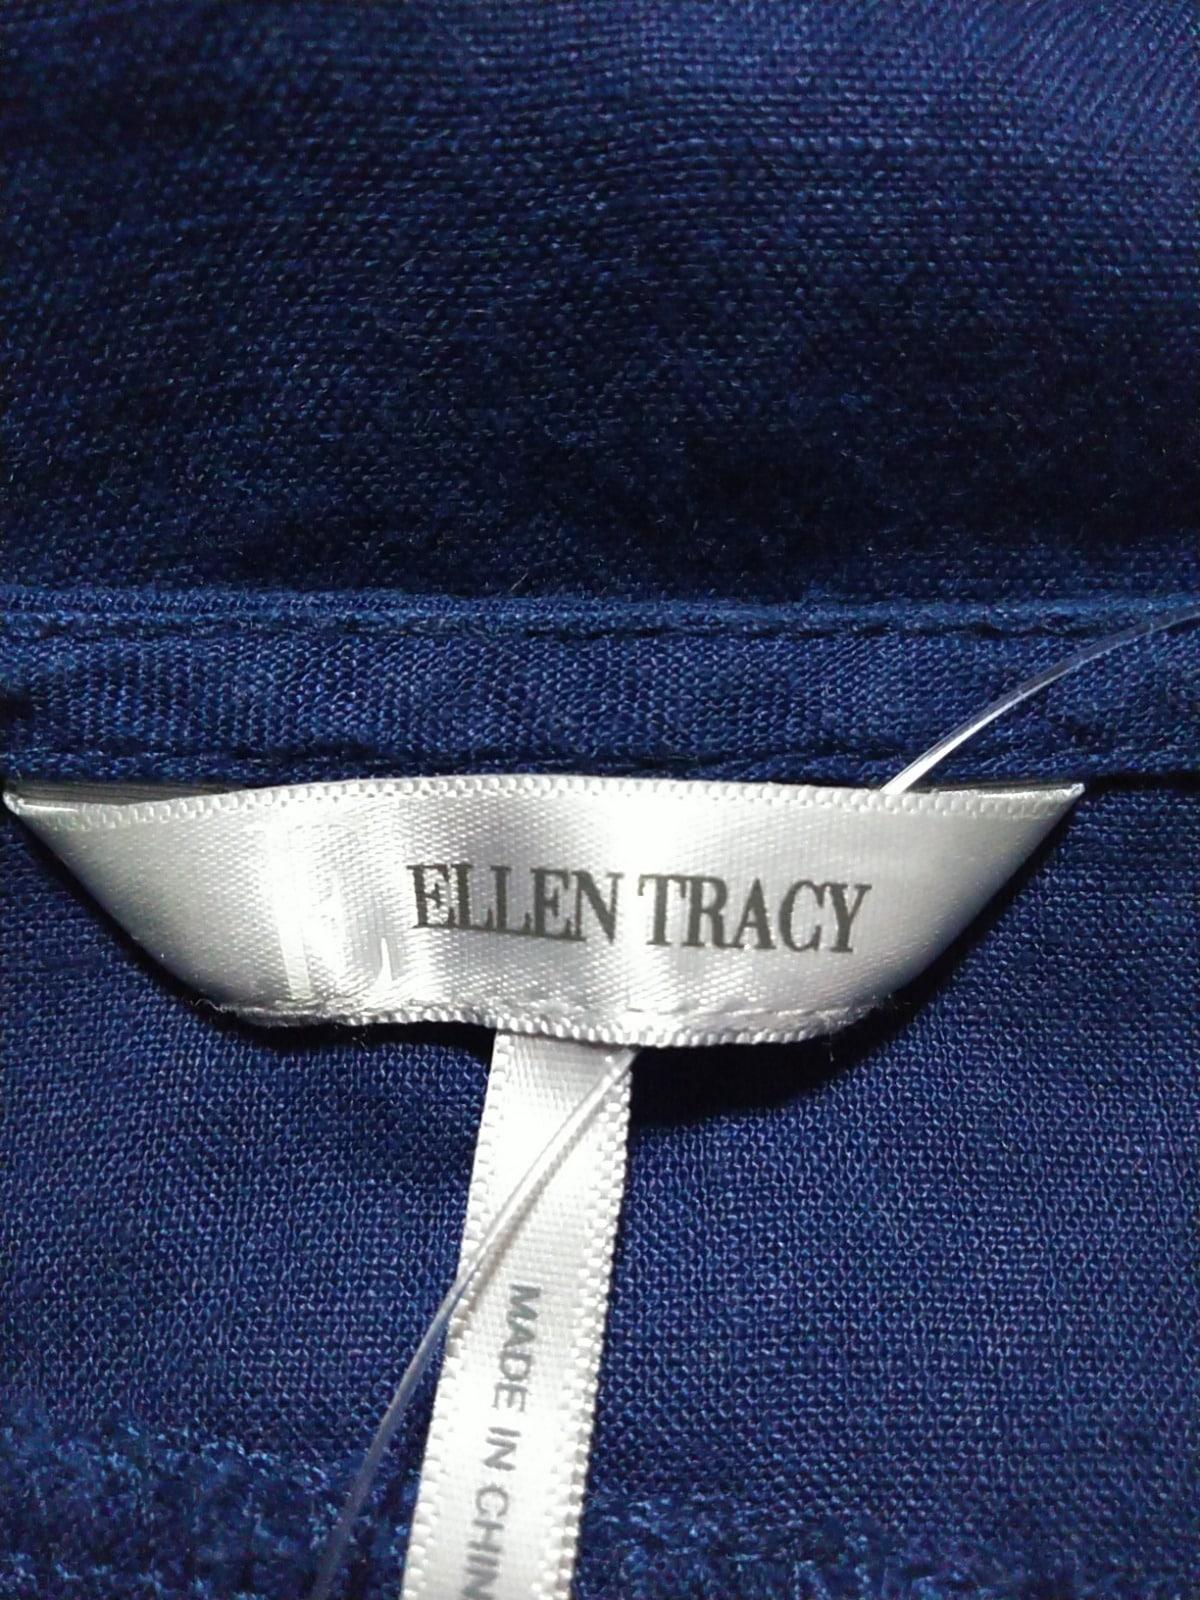 ELLEN TRACY(エレントレイシー)のチュニック